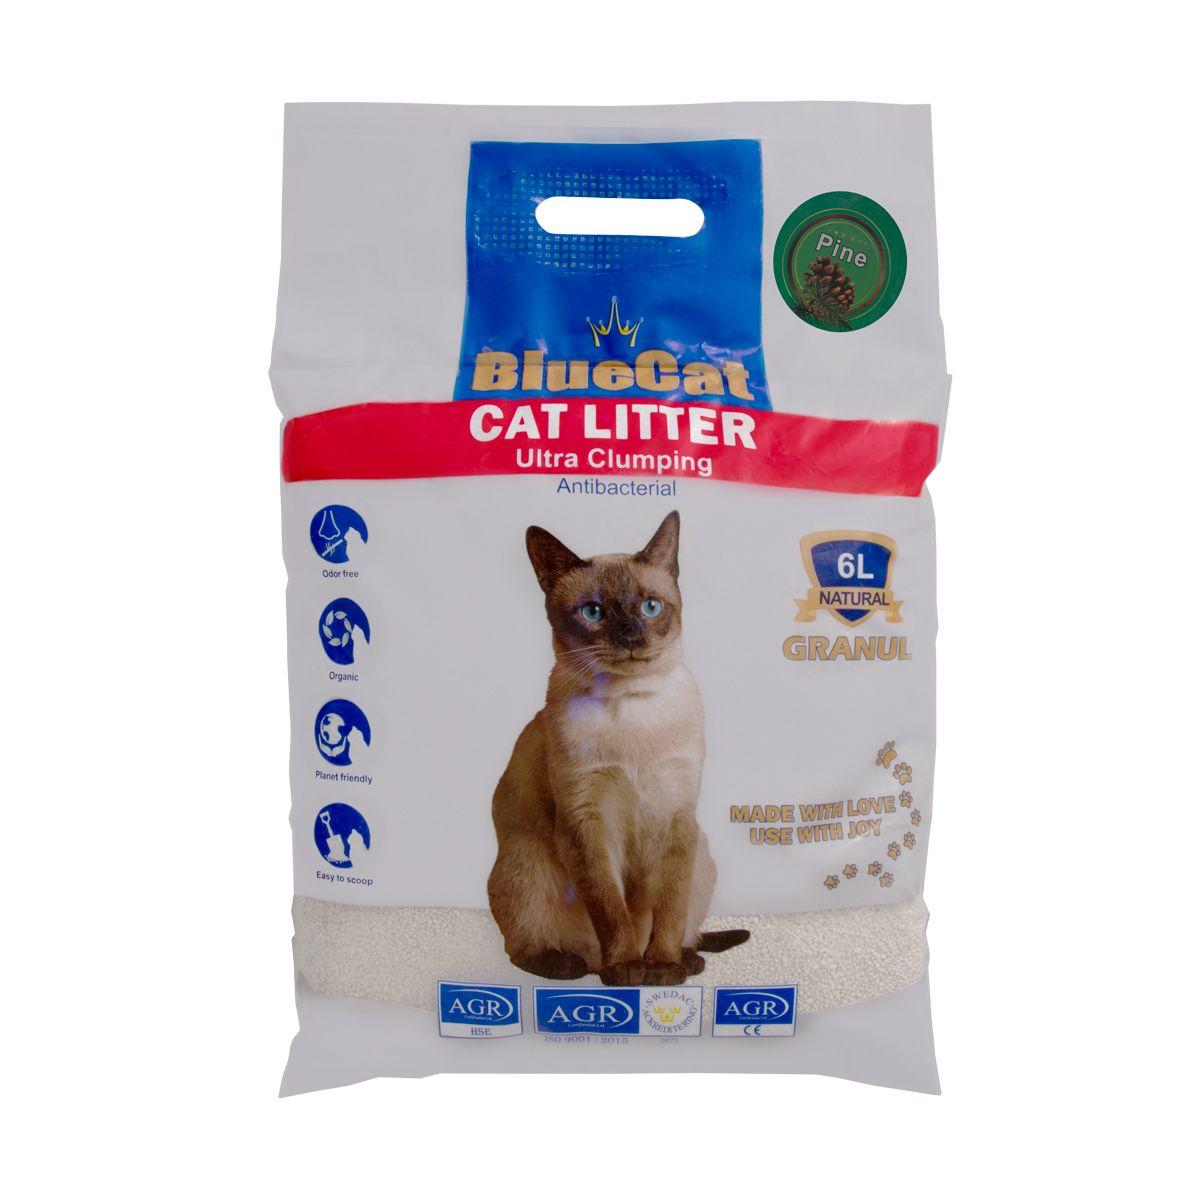 خاک بستر گربه بلوکت مدل Kaj_6 وزن ۶ کیلوگرم